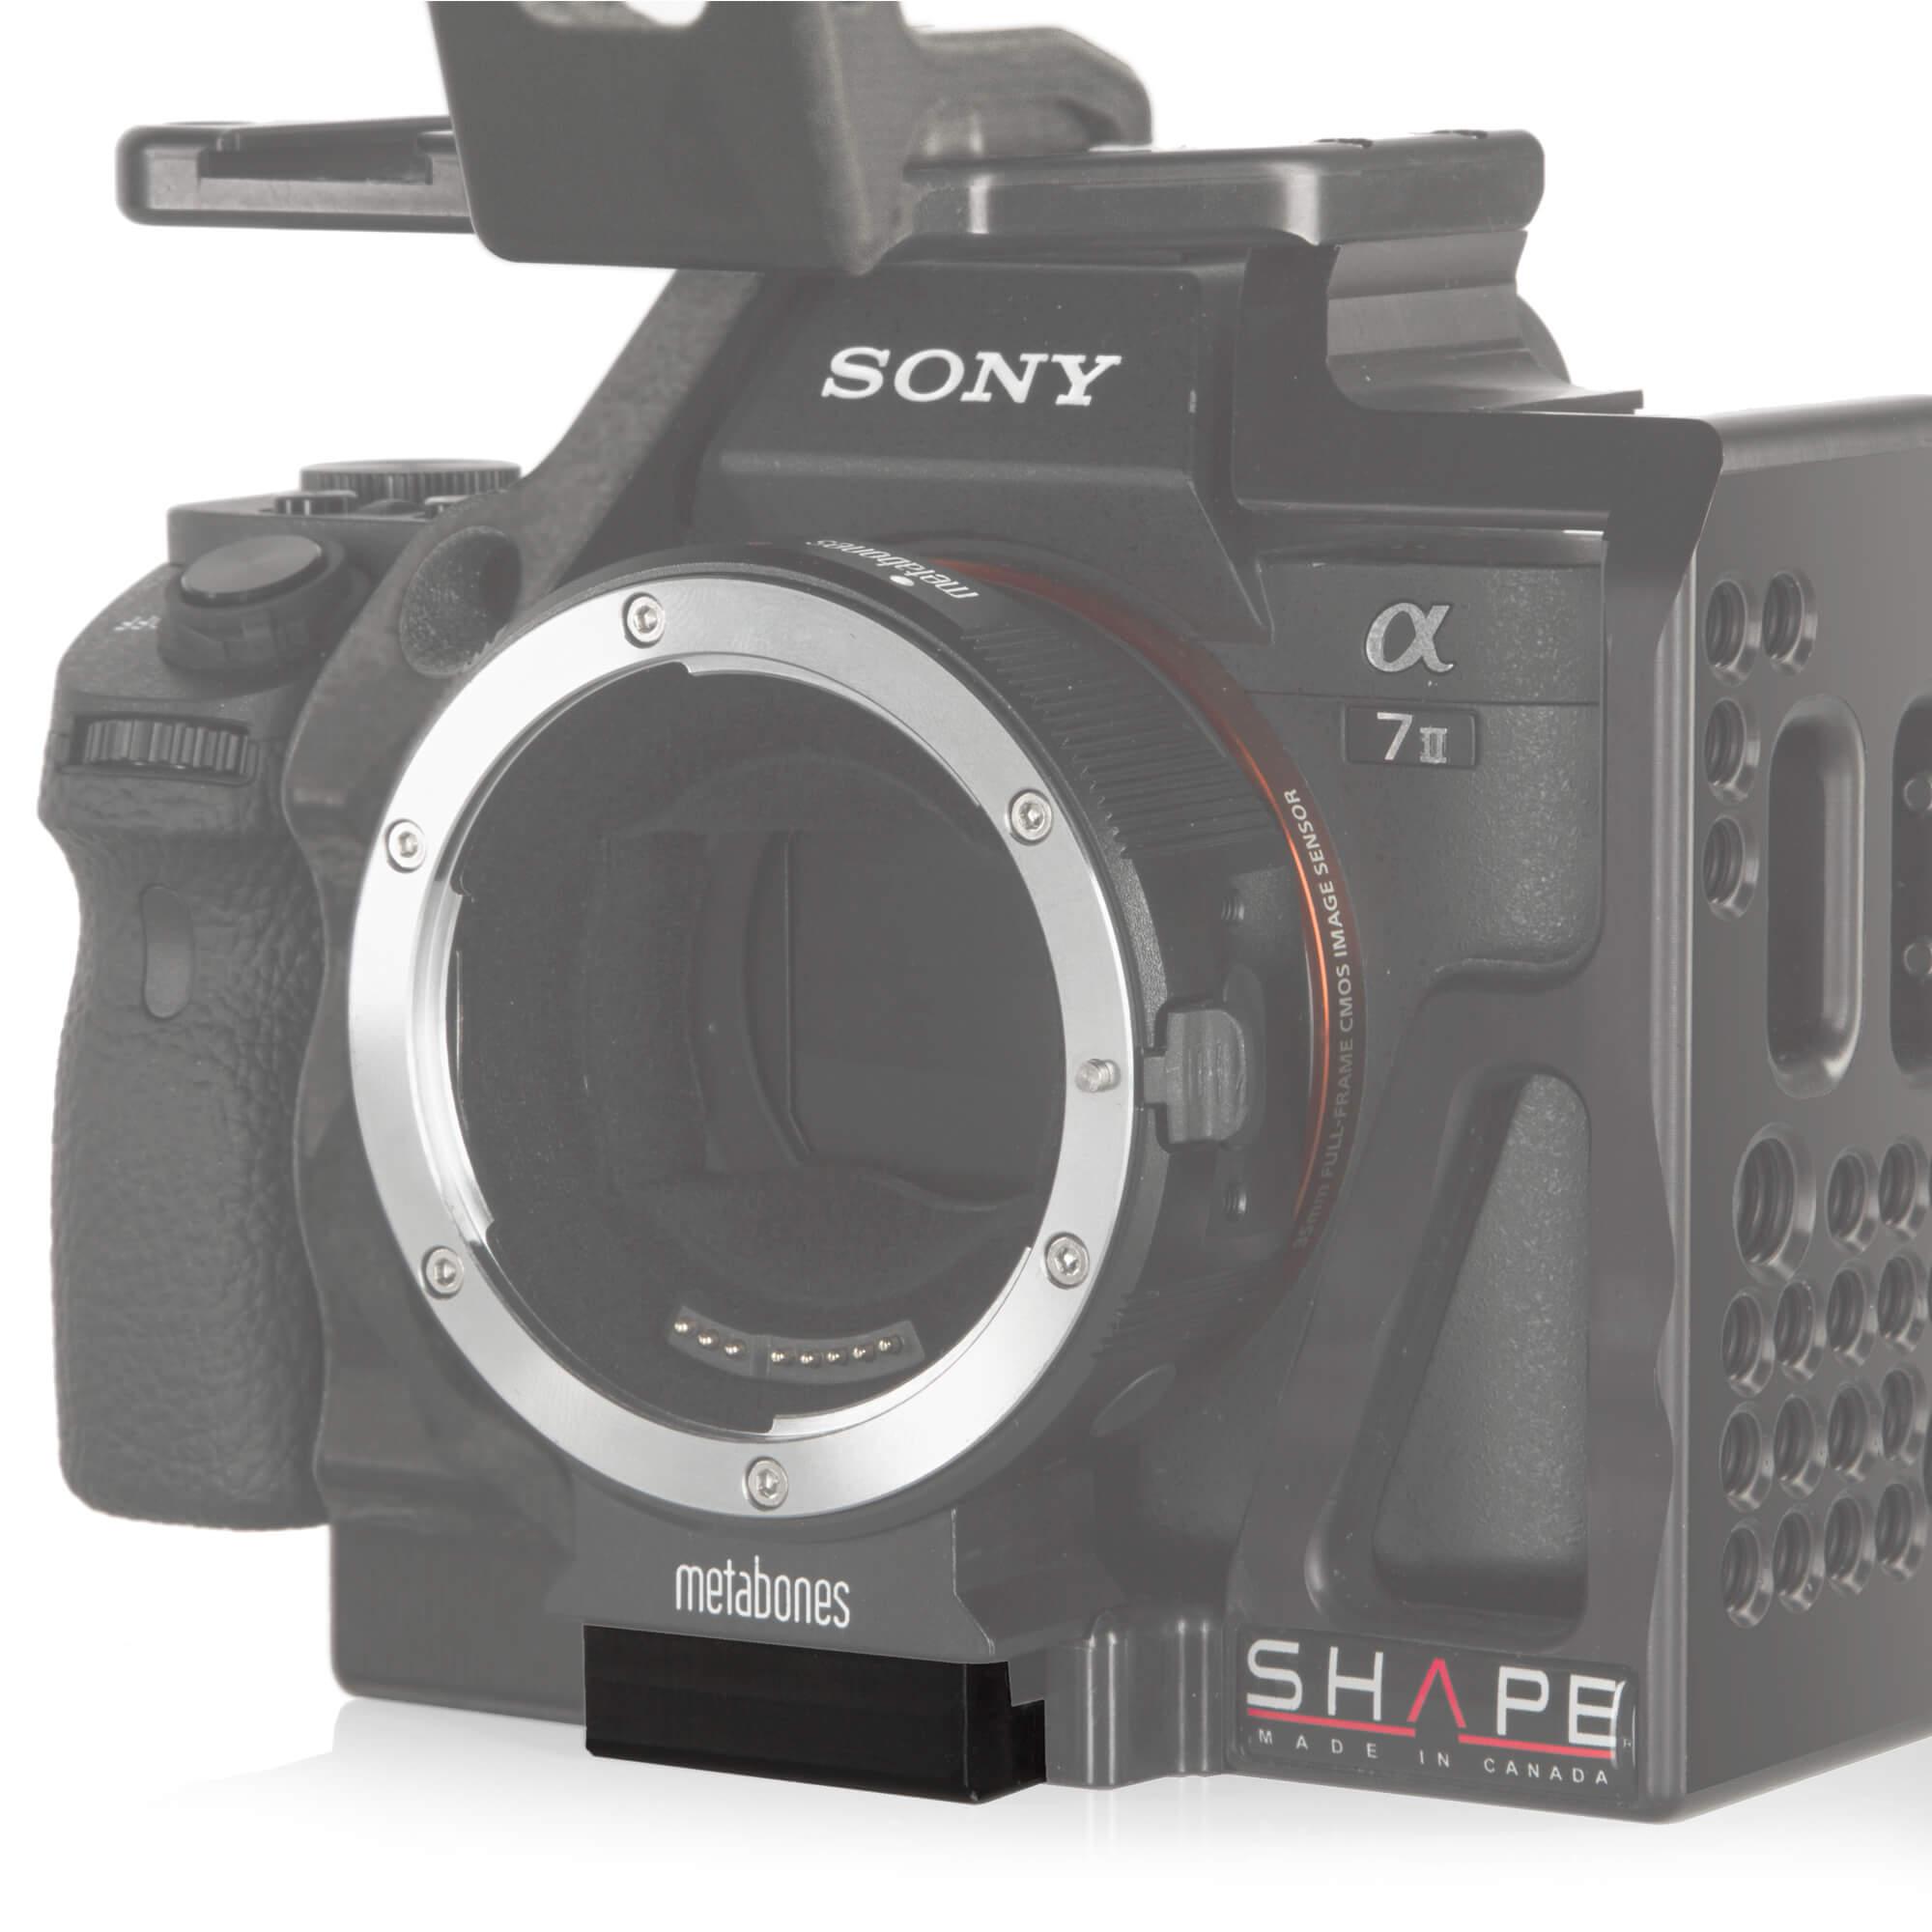 Sony A7S II - A7R II - A7 II cage - SHAPE